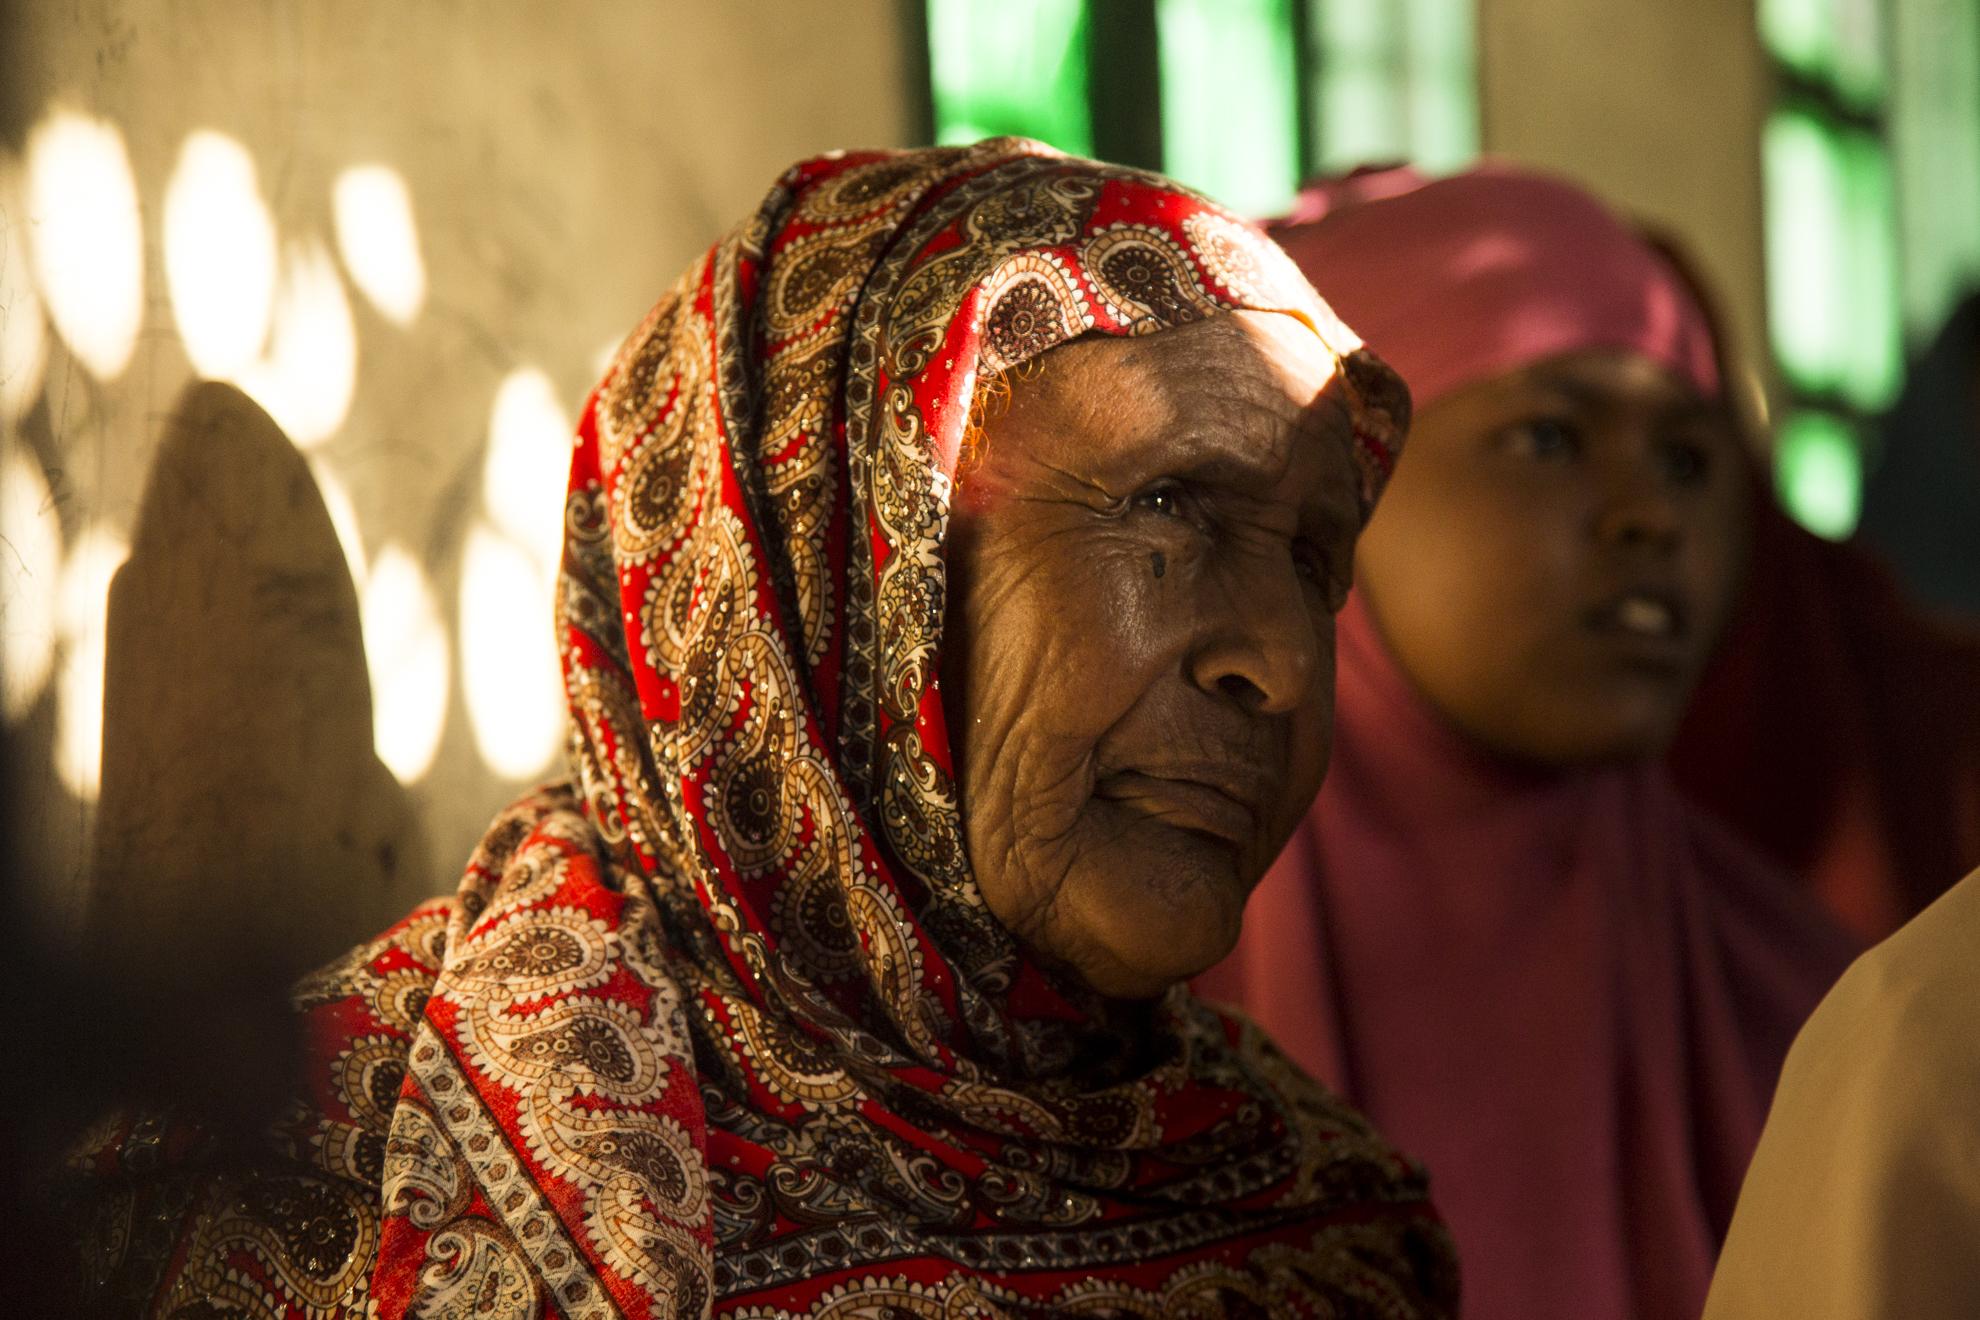 IPPF_Somaliland_ZFlood-7505_012.jpg